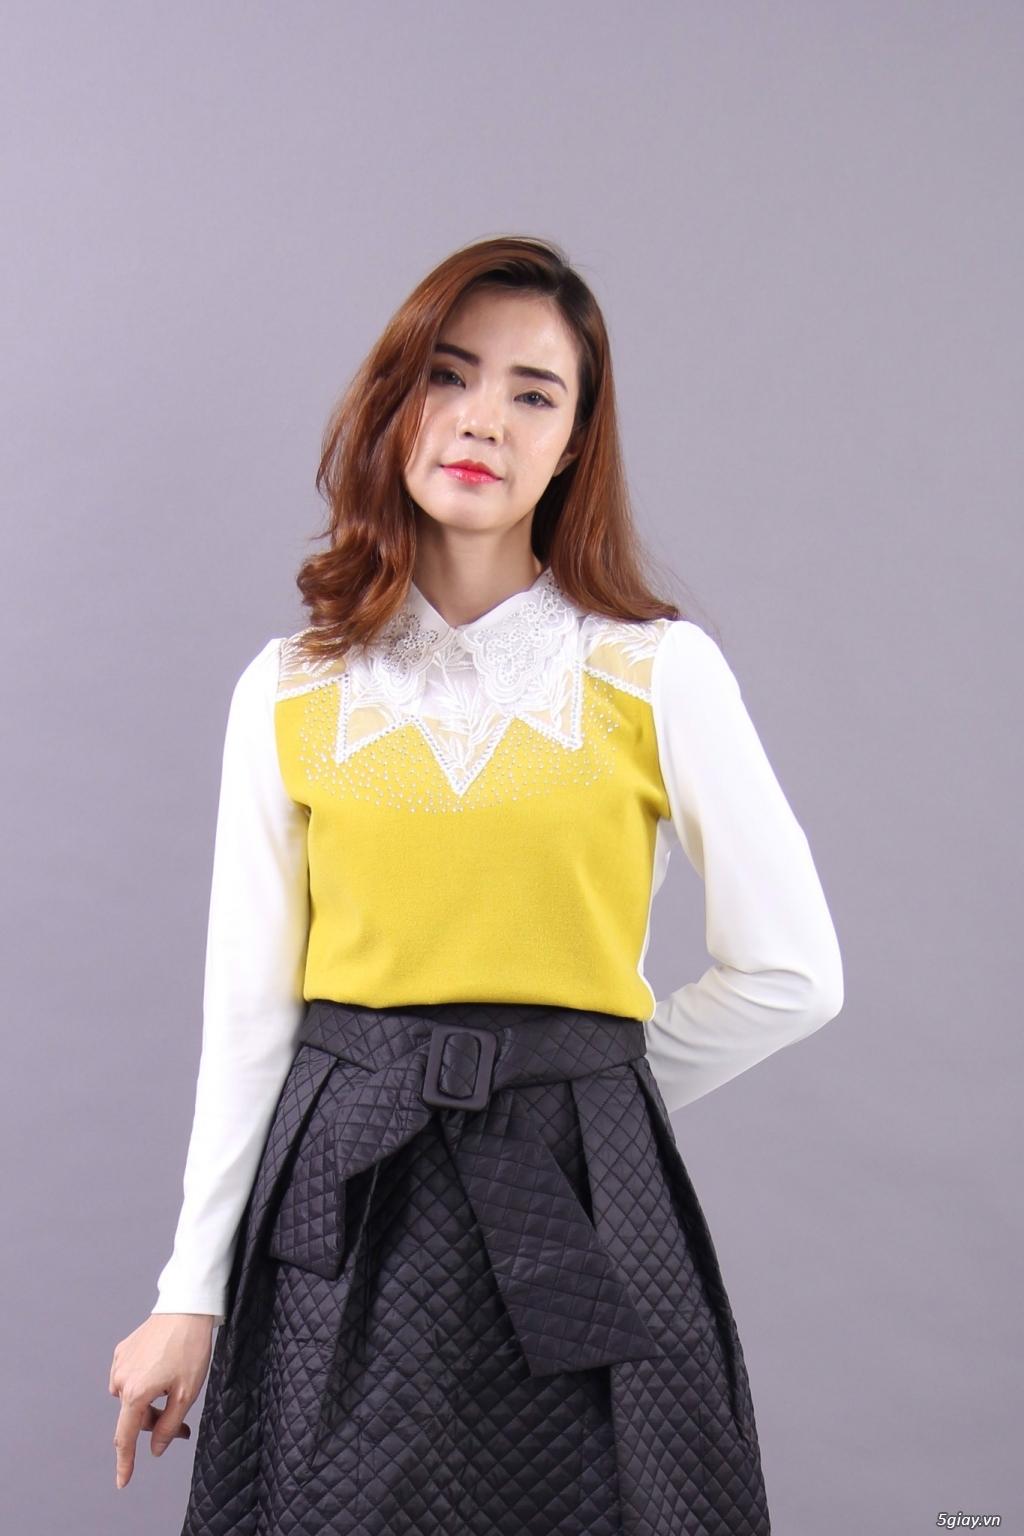 Wal House Fashion - Thương Hiệu Việt - Kiểu dáng đa dạng - 47